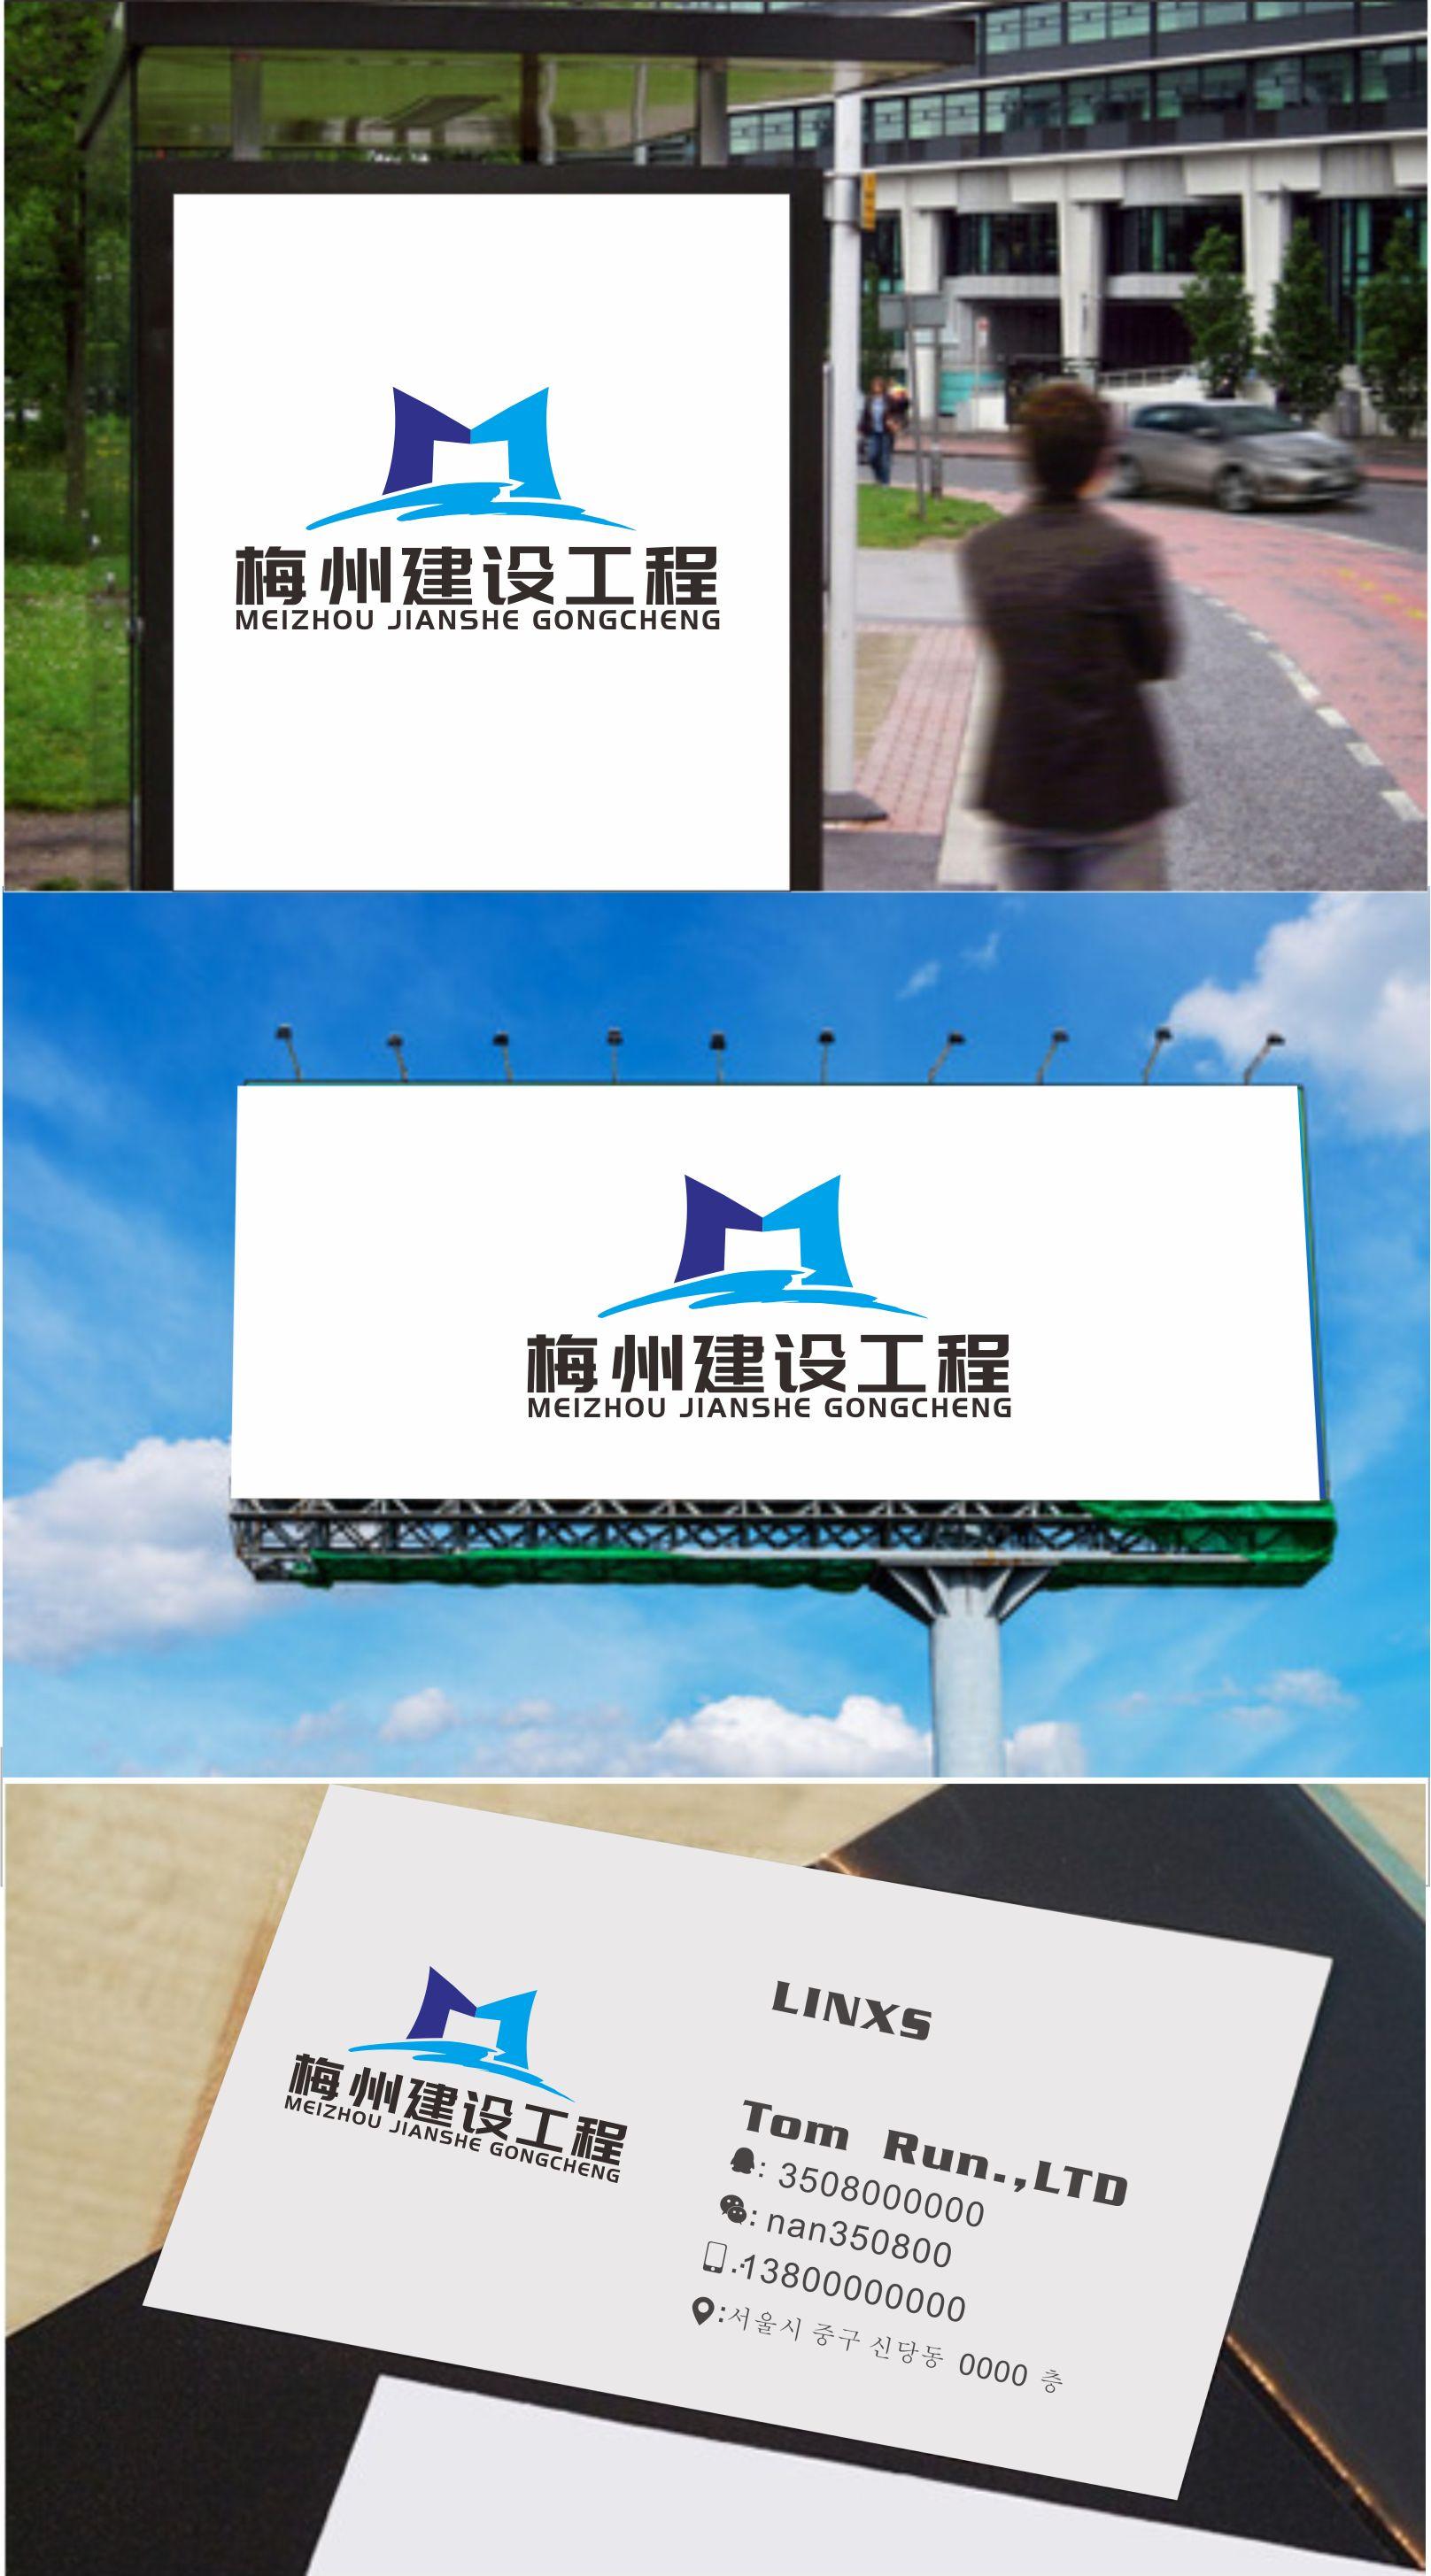 梅州筑建建设管理公司Logo、名片_2961976_k68威客网